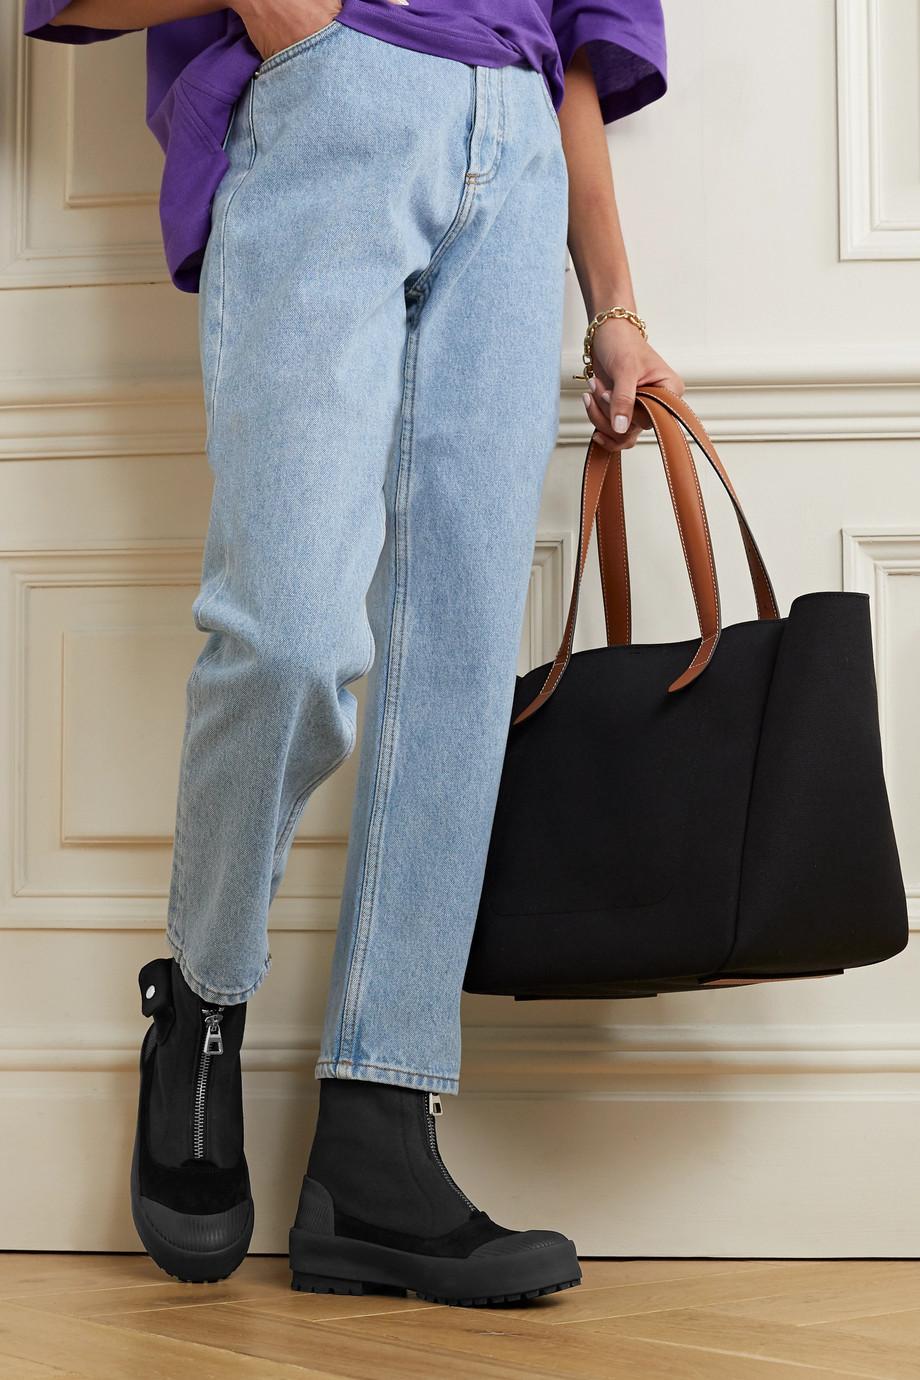 JW Anderson Stiefel aus Twill mit Besätzen aus Veloursleder und Gummi